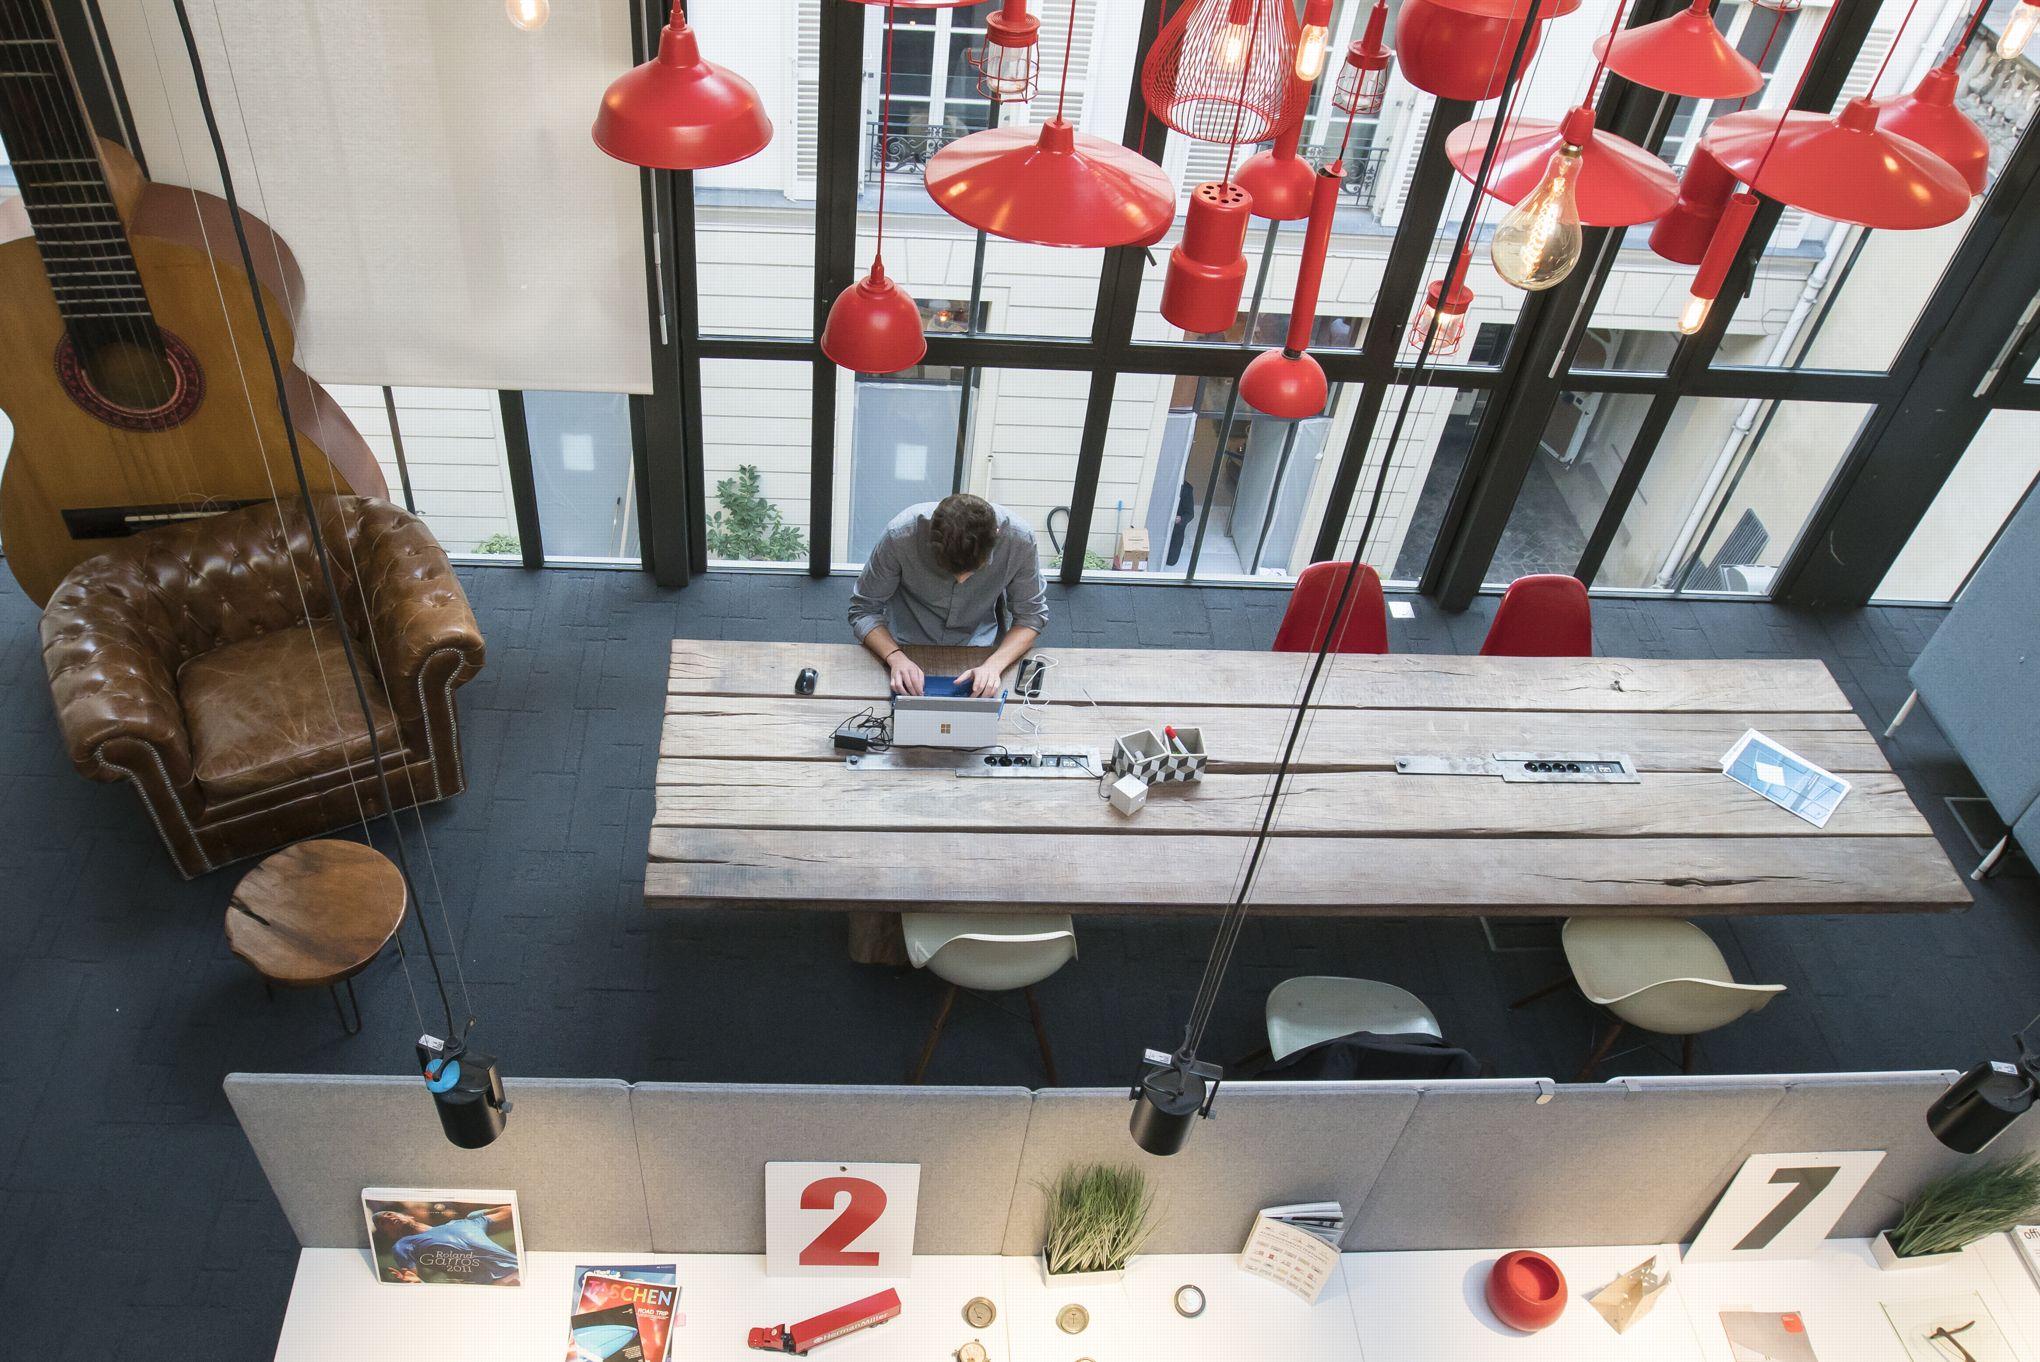 Le bureau du futur vu par moore design change the work